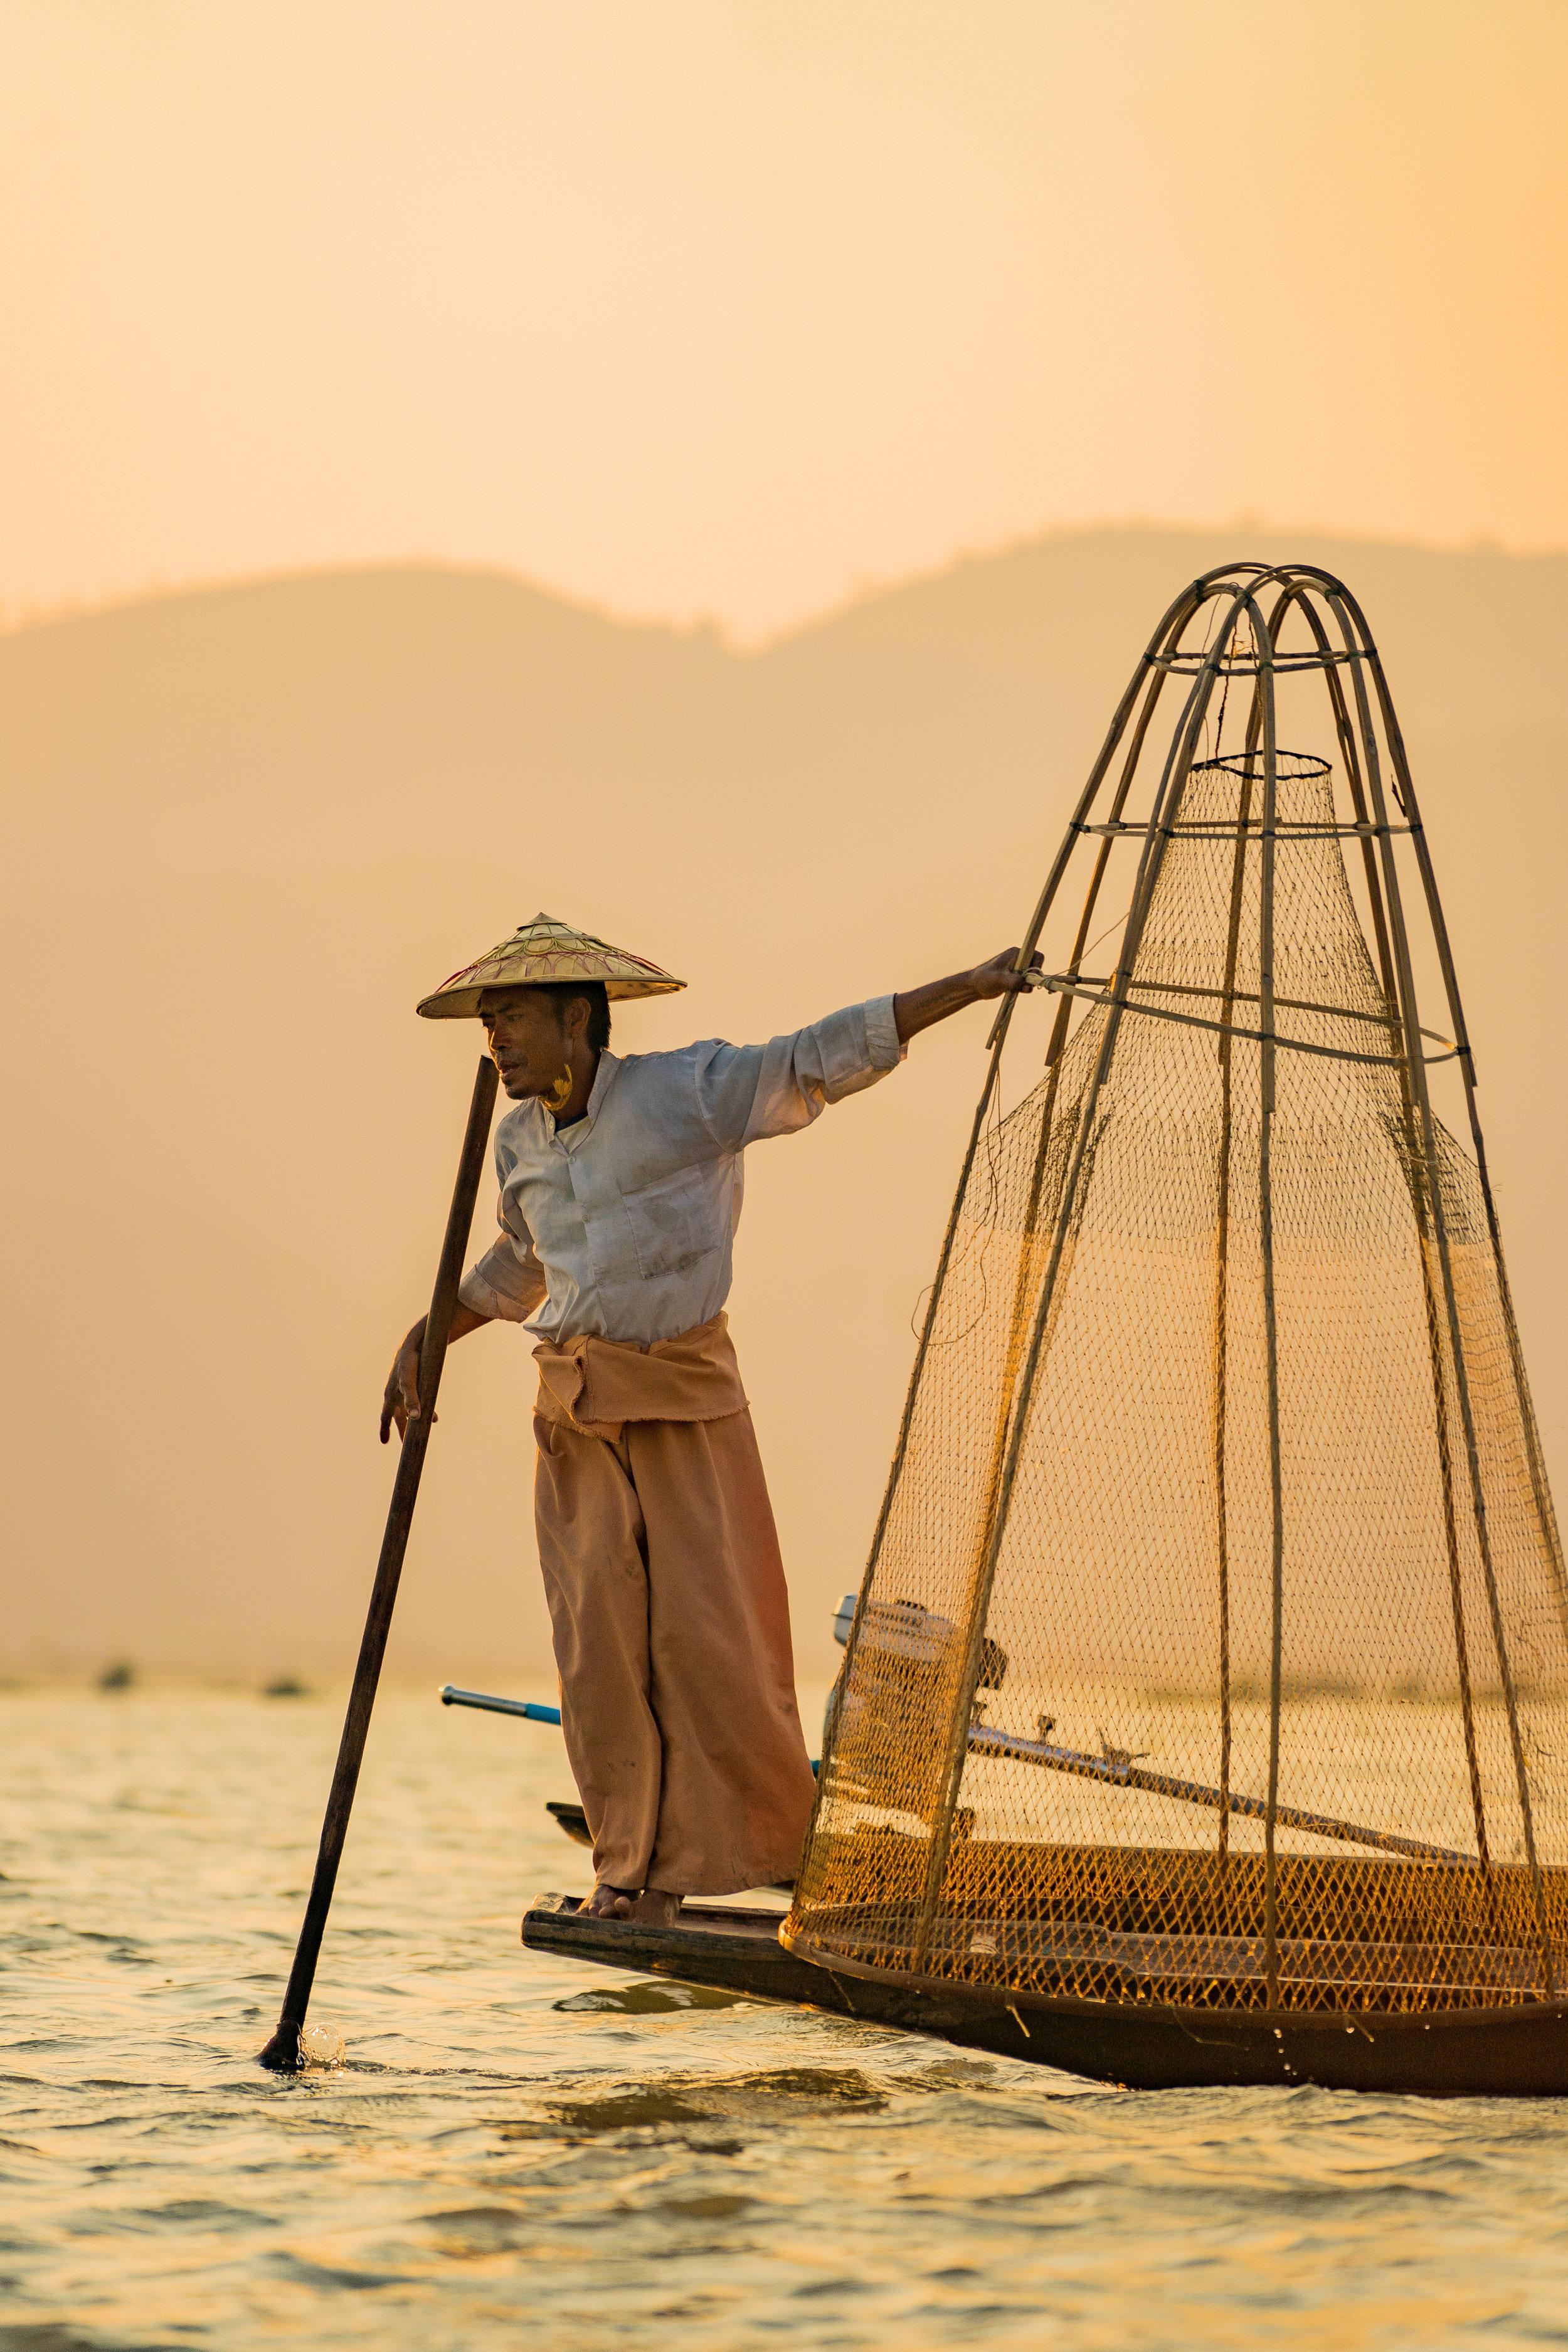 Fisherman at sunset - Inle lake